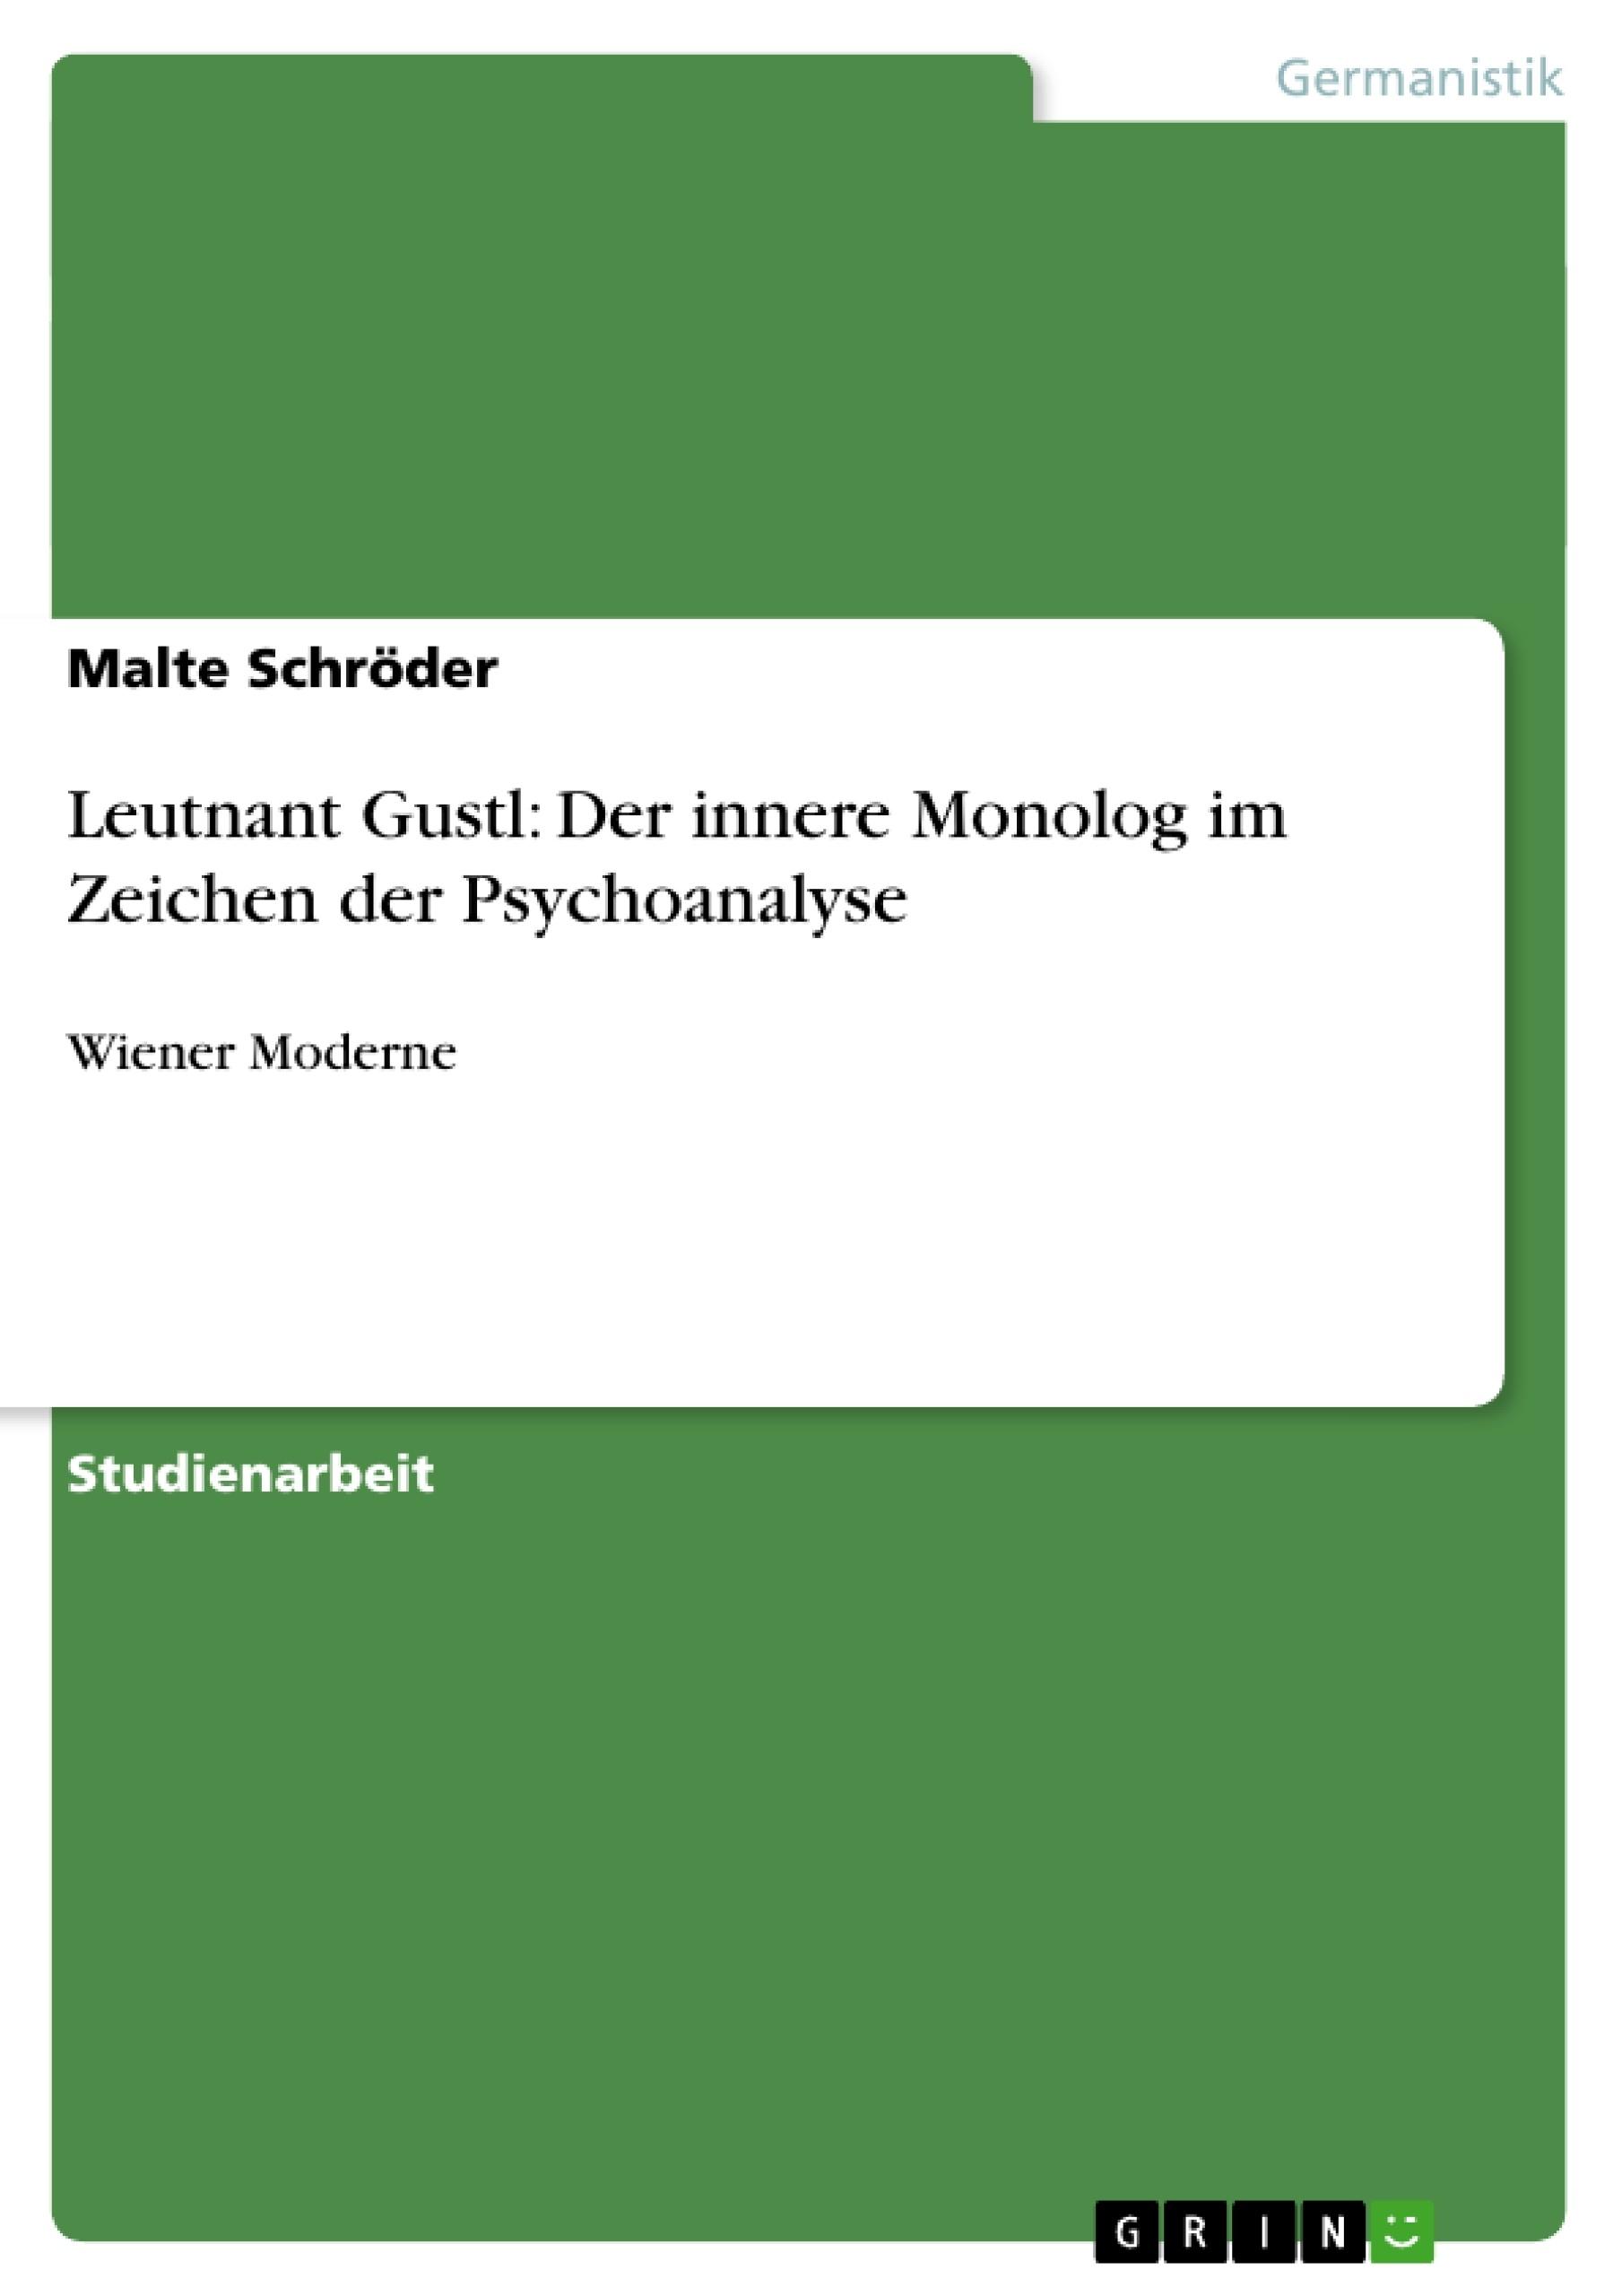 Titel: Leutnant Gustl: Der innere Monolog im Zeichen der Psychoanalyse